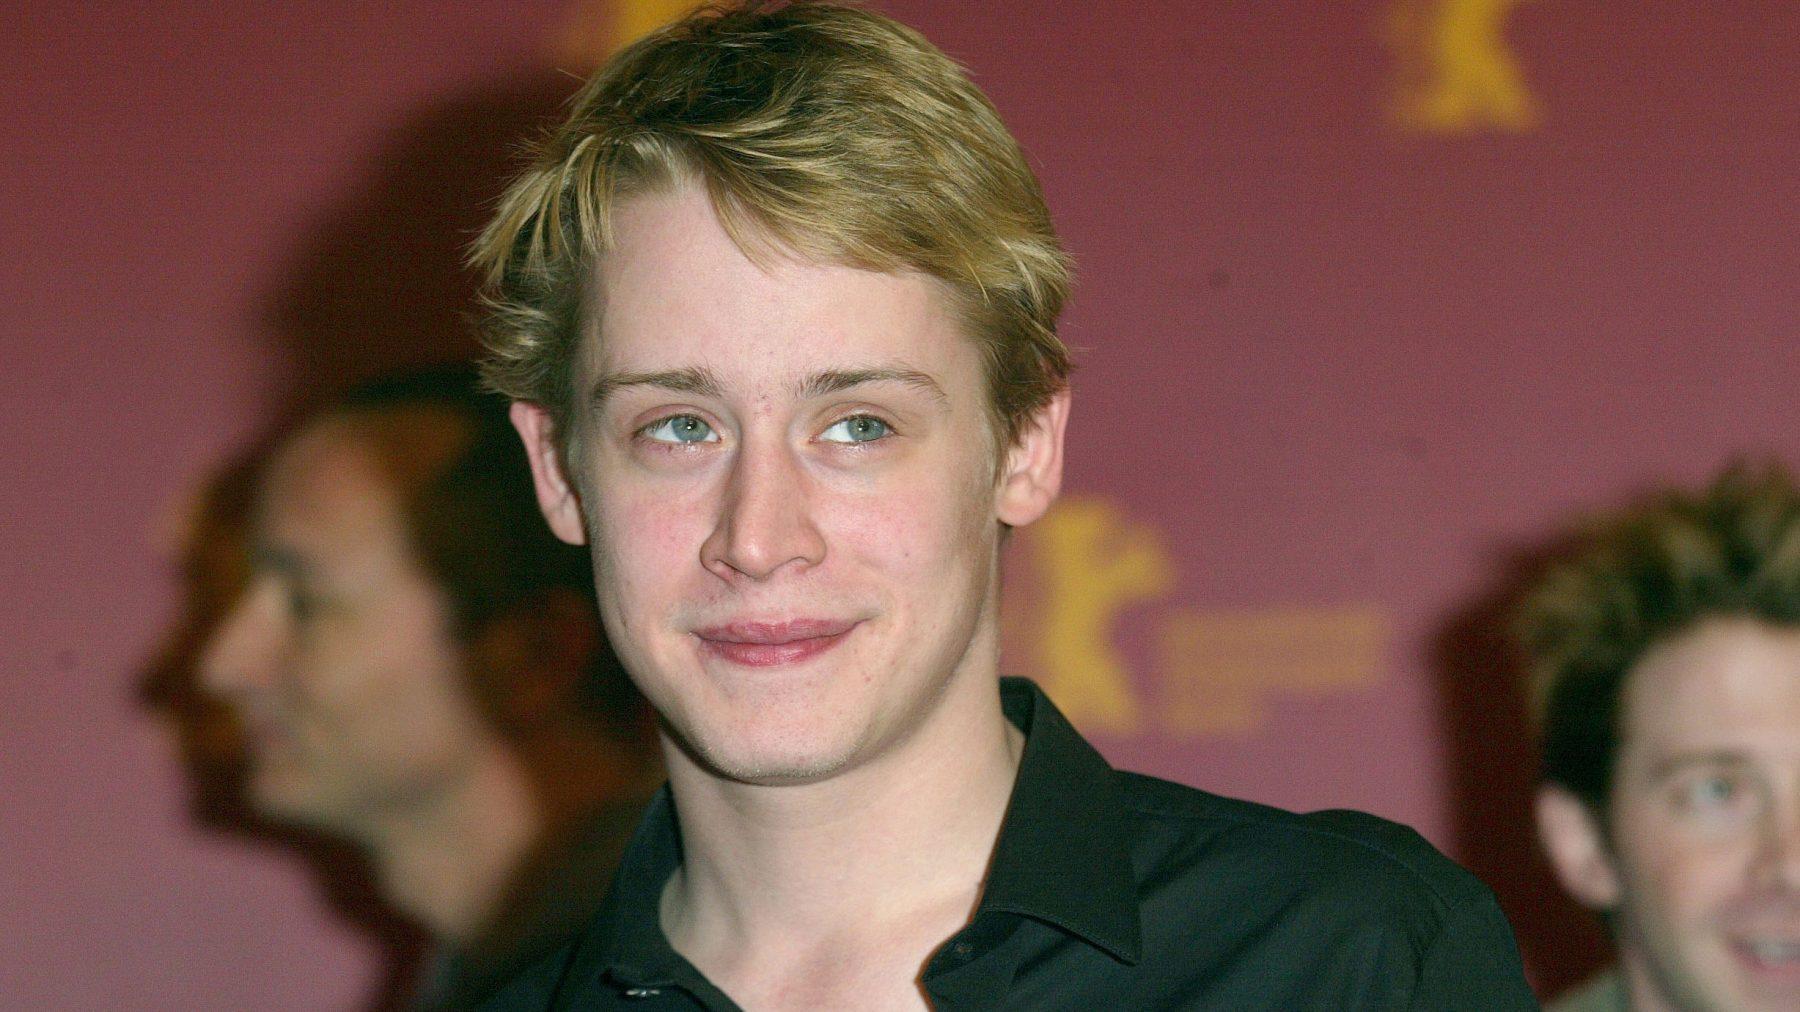 Macaulay Culkin vader geworden